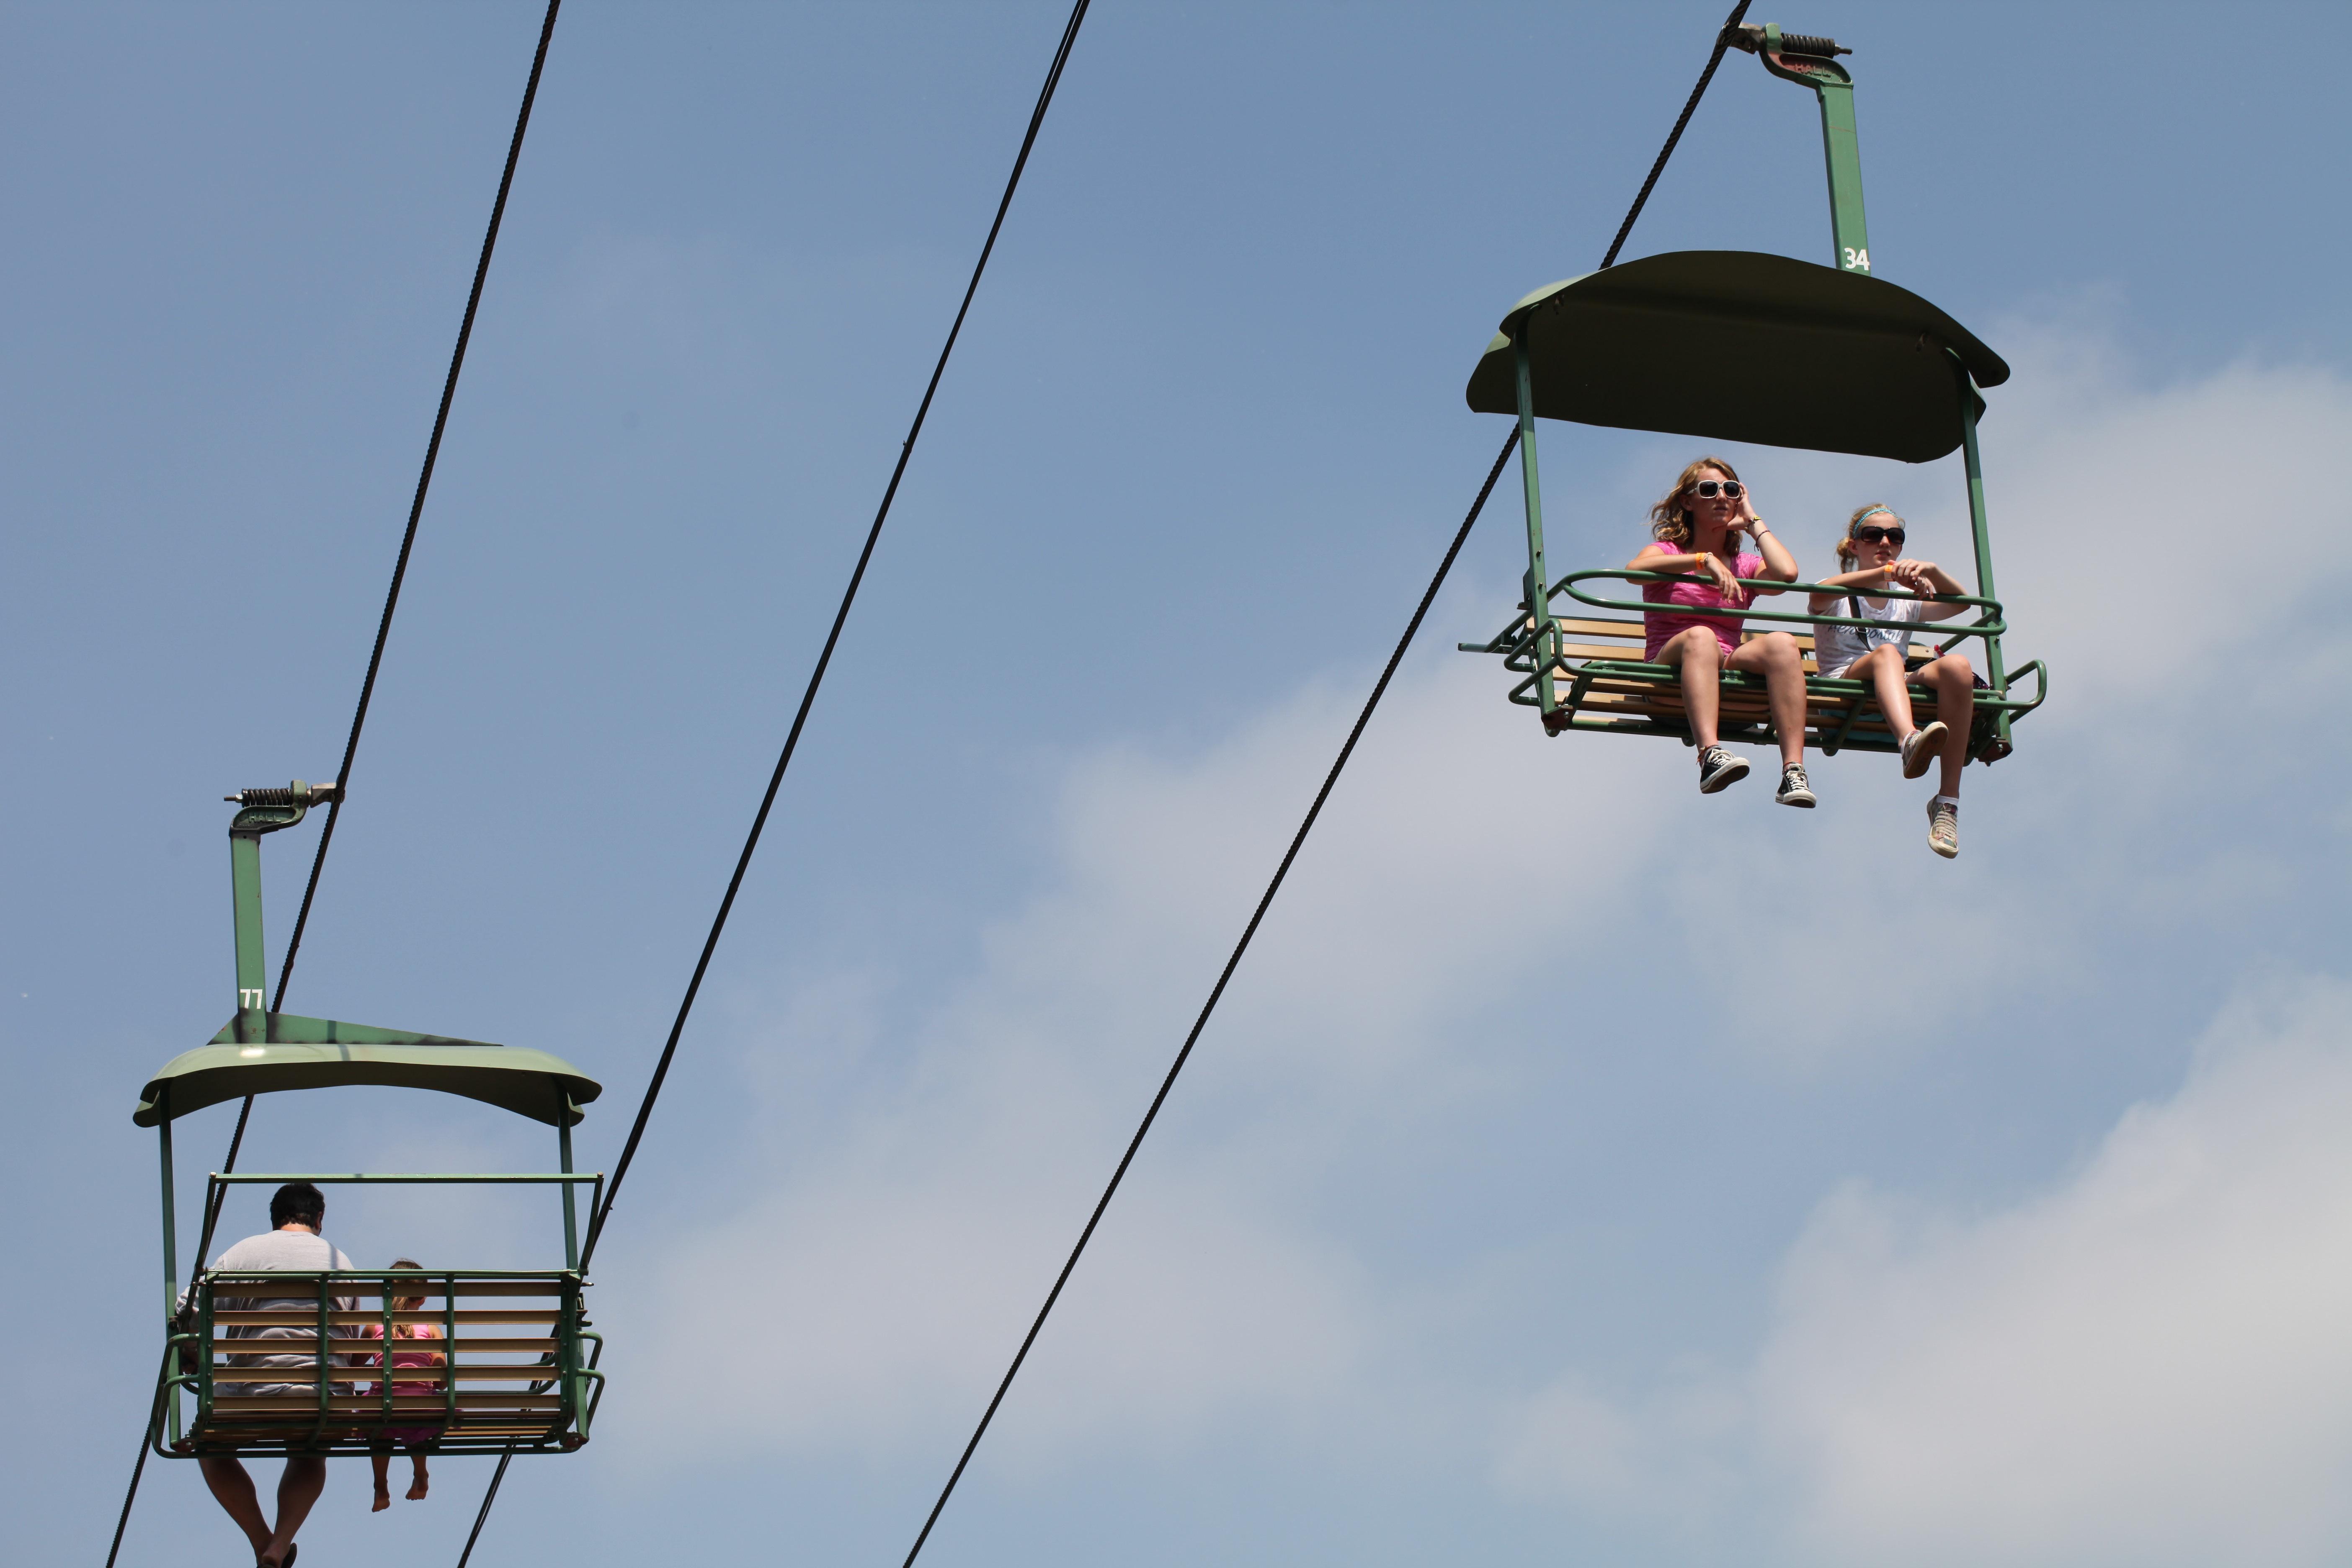 Gratis Afbeeldingen : avontuur, jumping, mast, kabelbaan ...